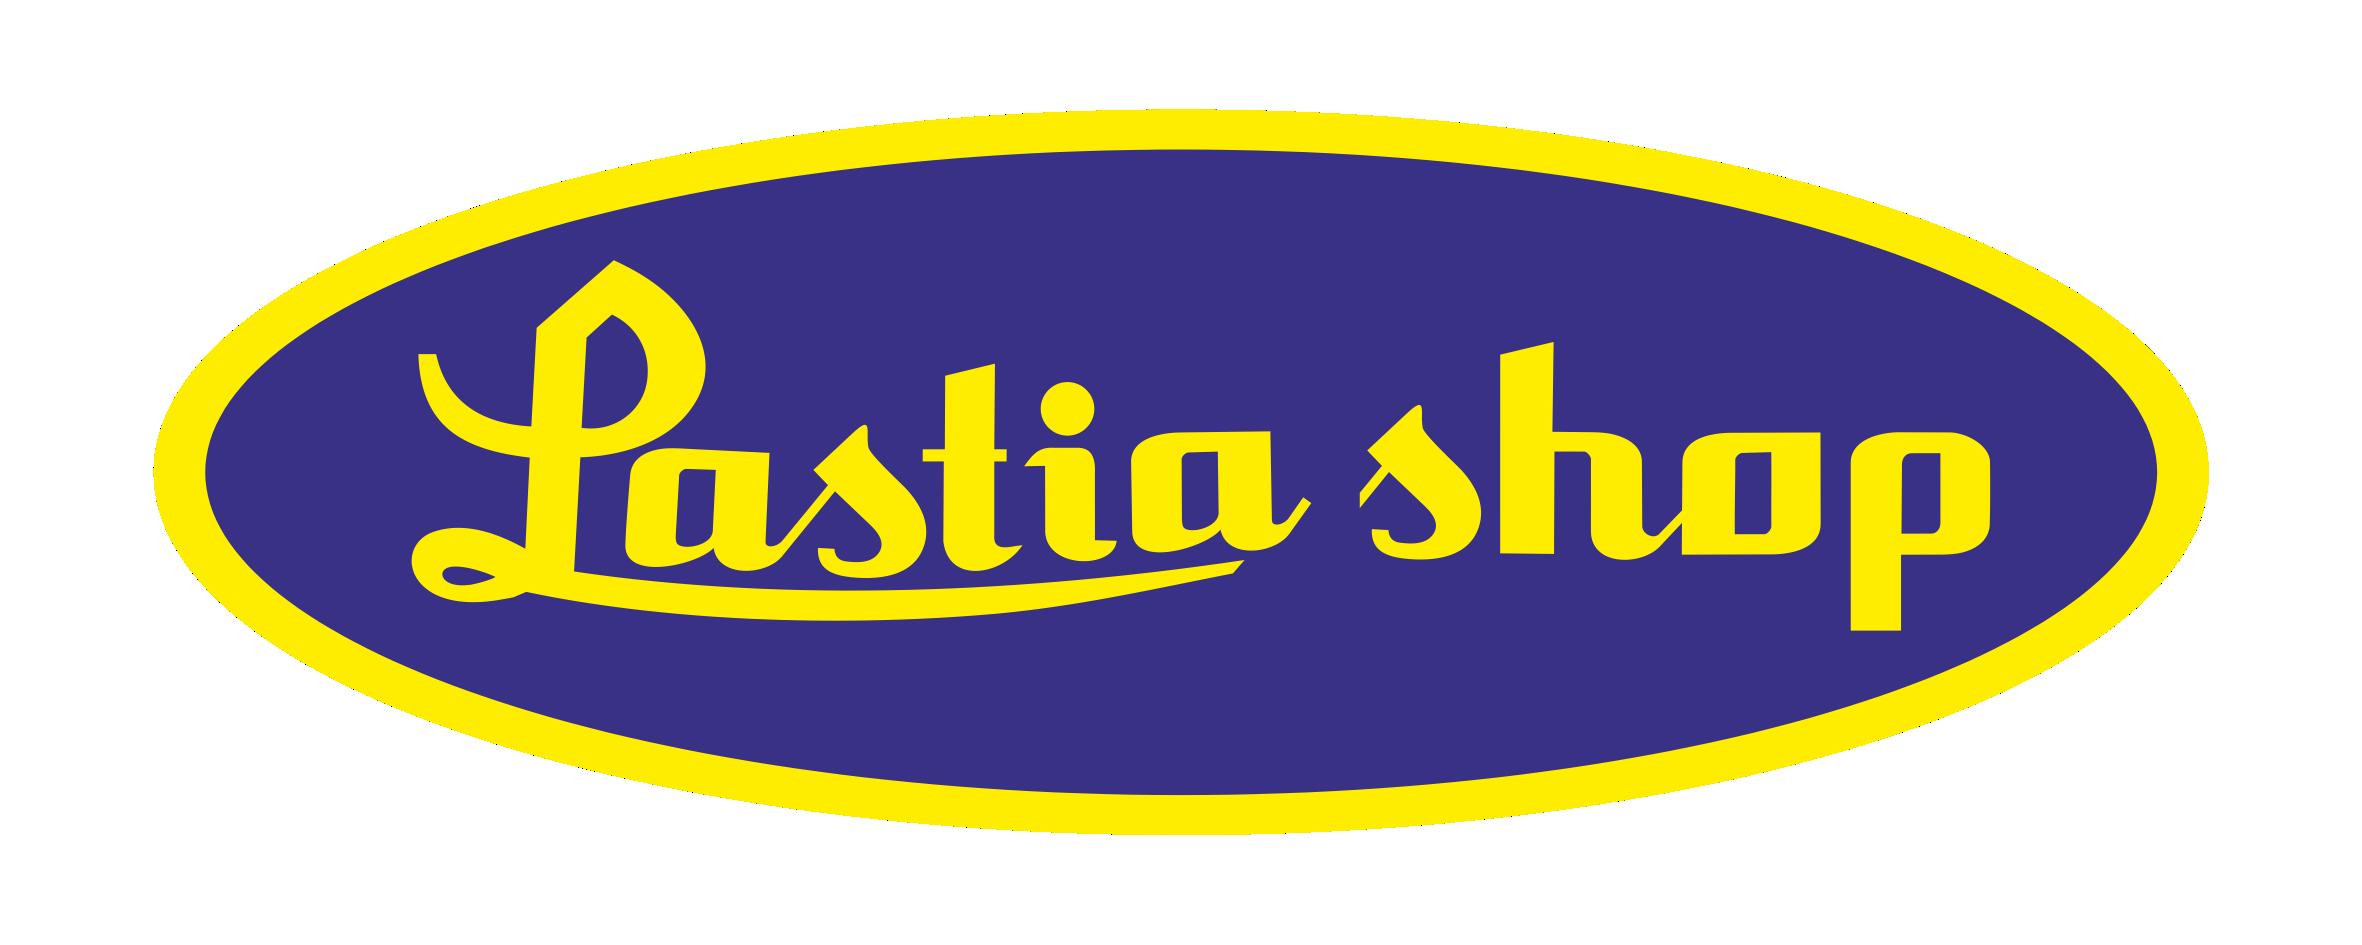 LastiaShop